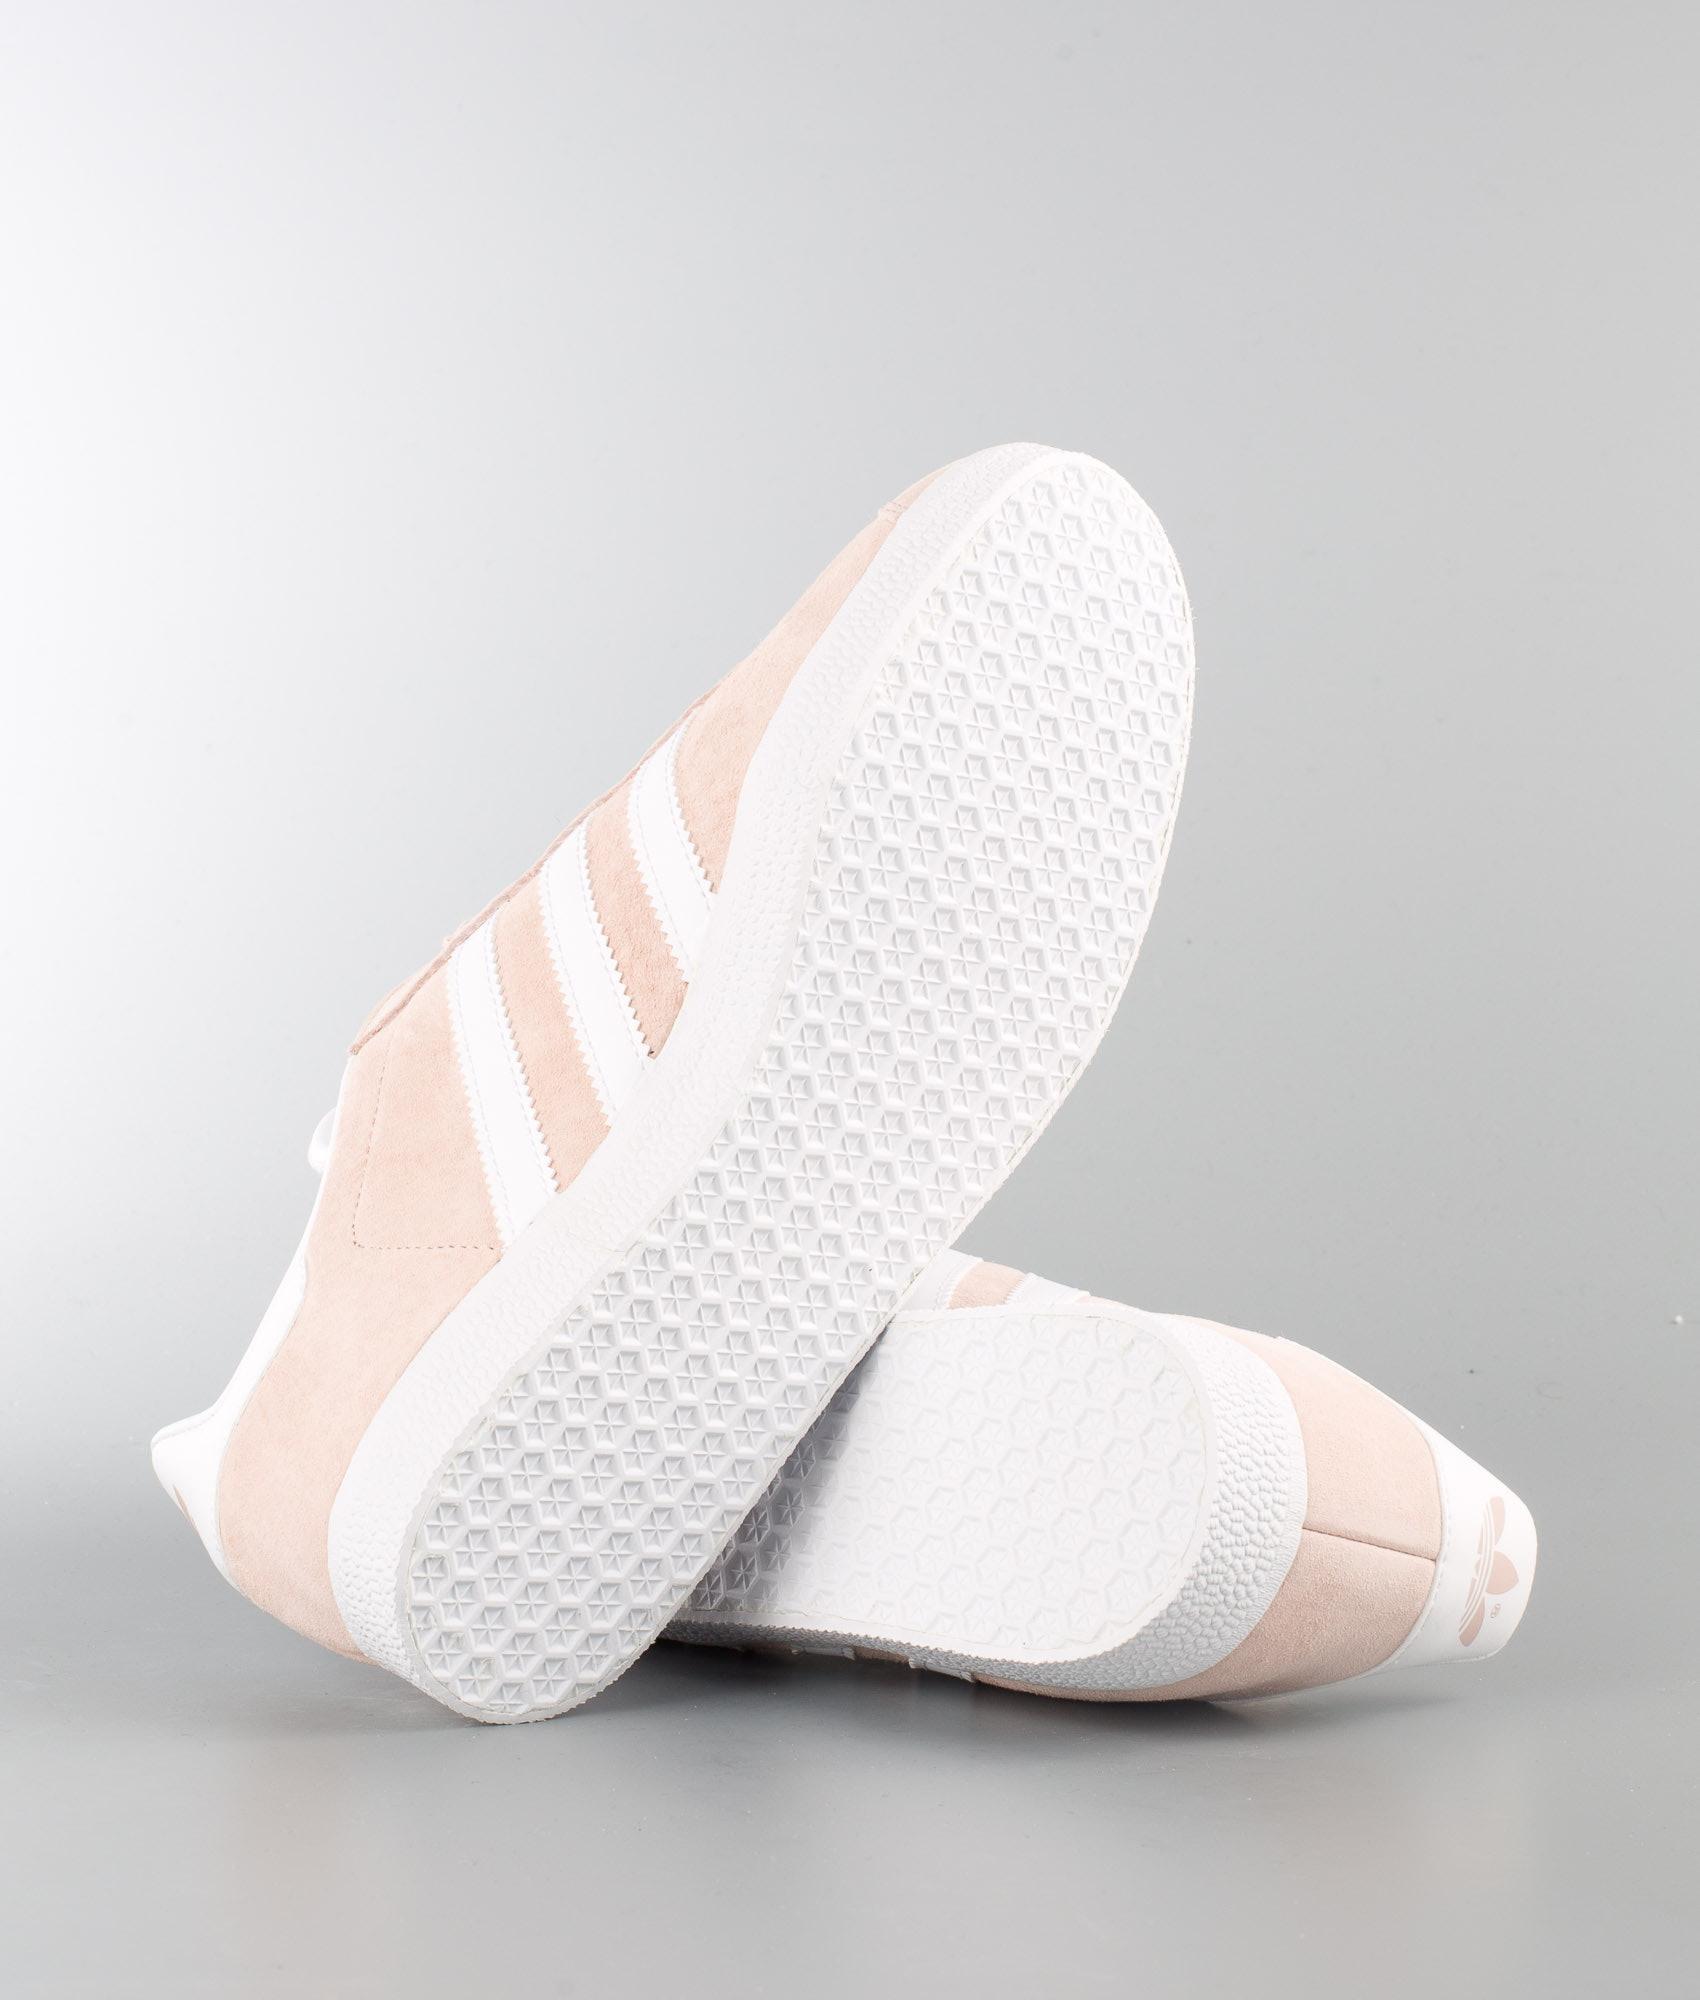 443f9ba959d Adidas Originals Gazelle Shoes Vapour Pink/White/Goldmt - Ridestore.com